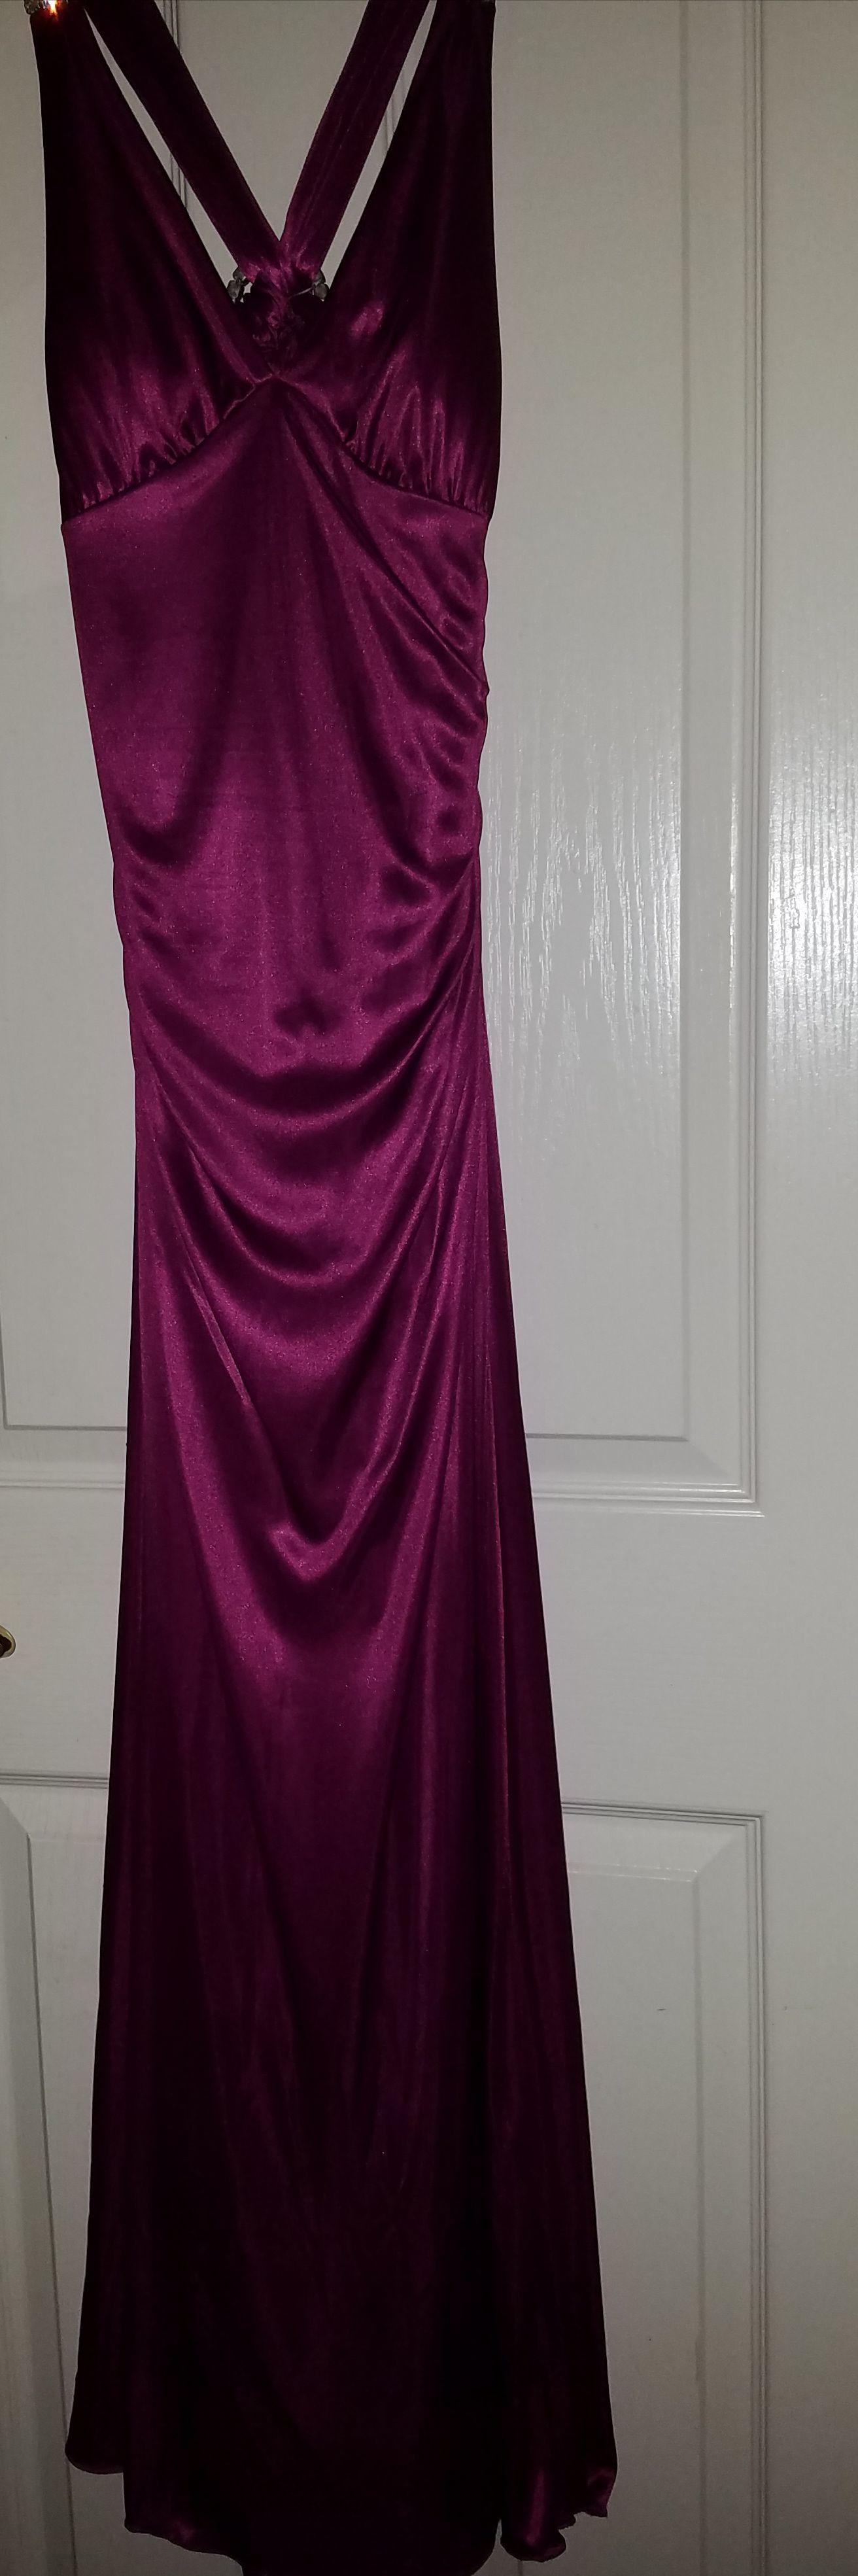 Windsor Formal Dress Size 7